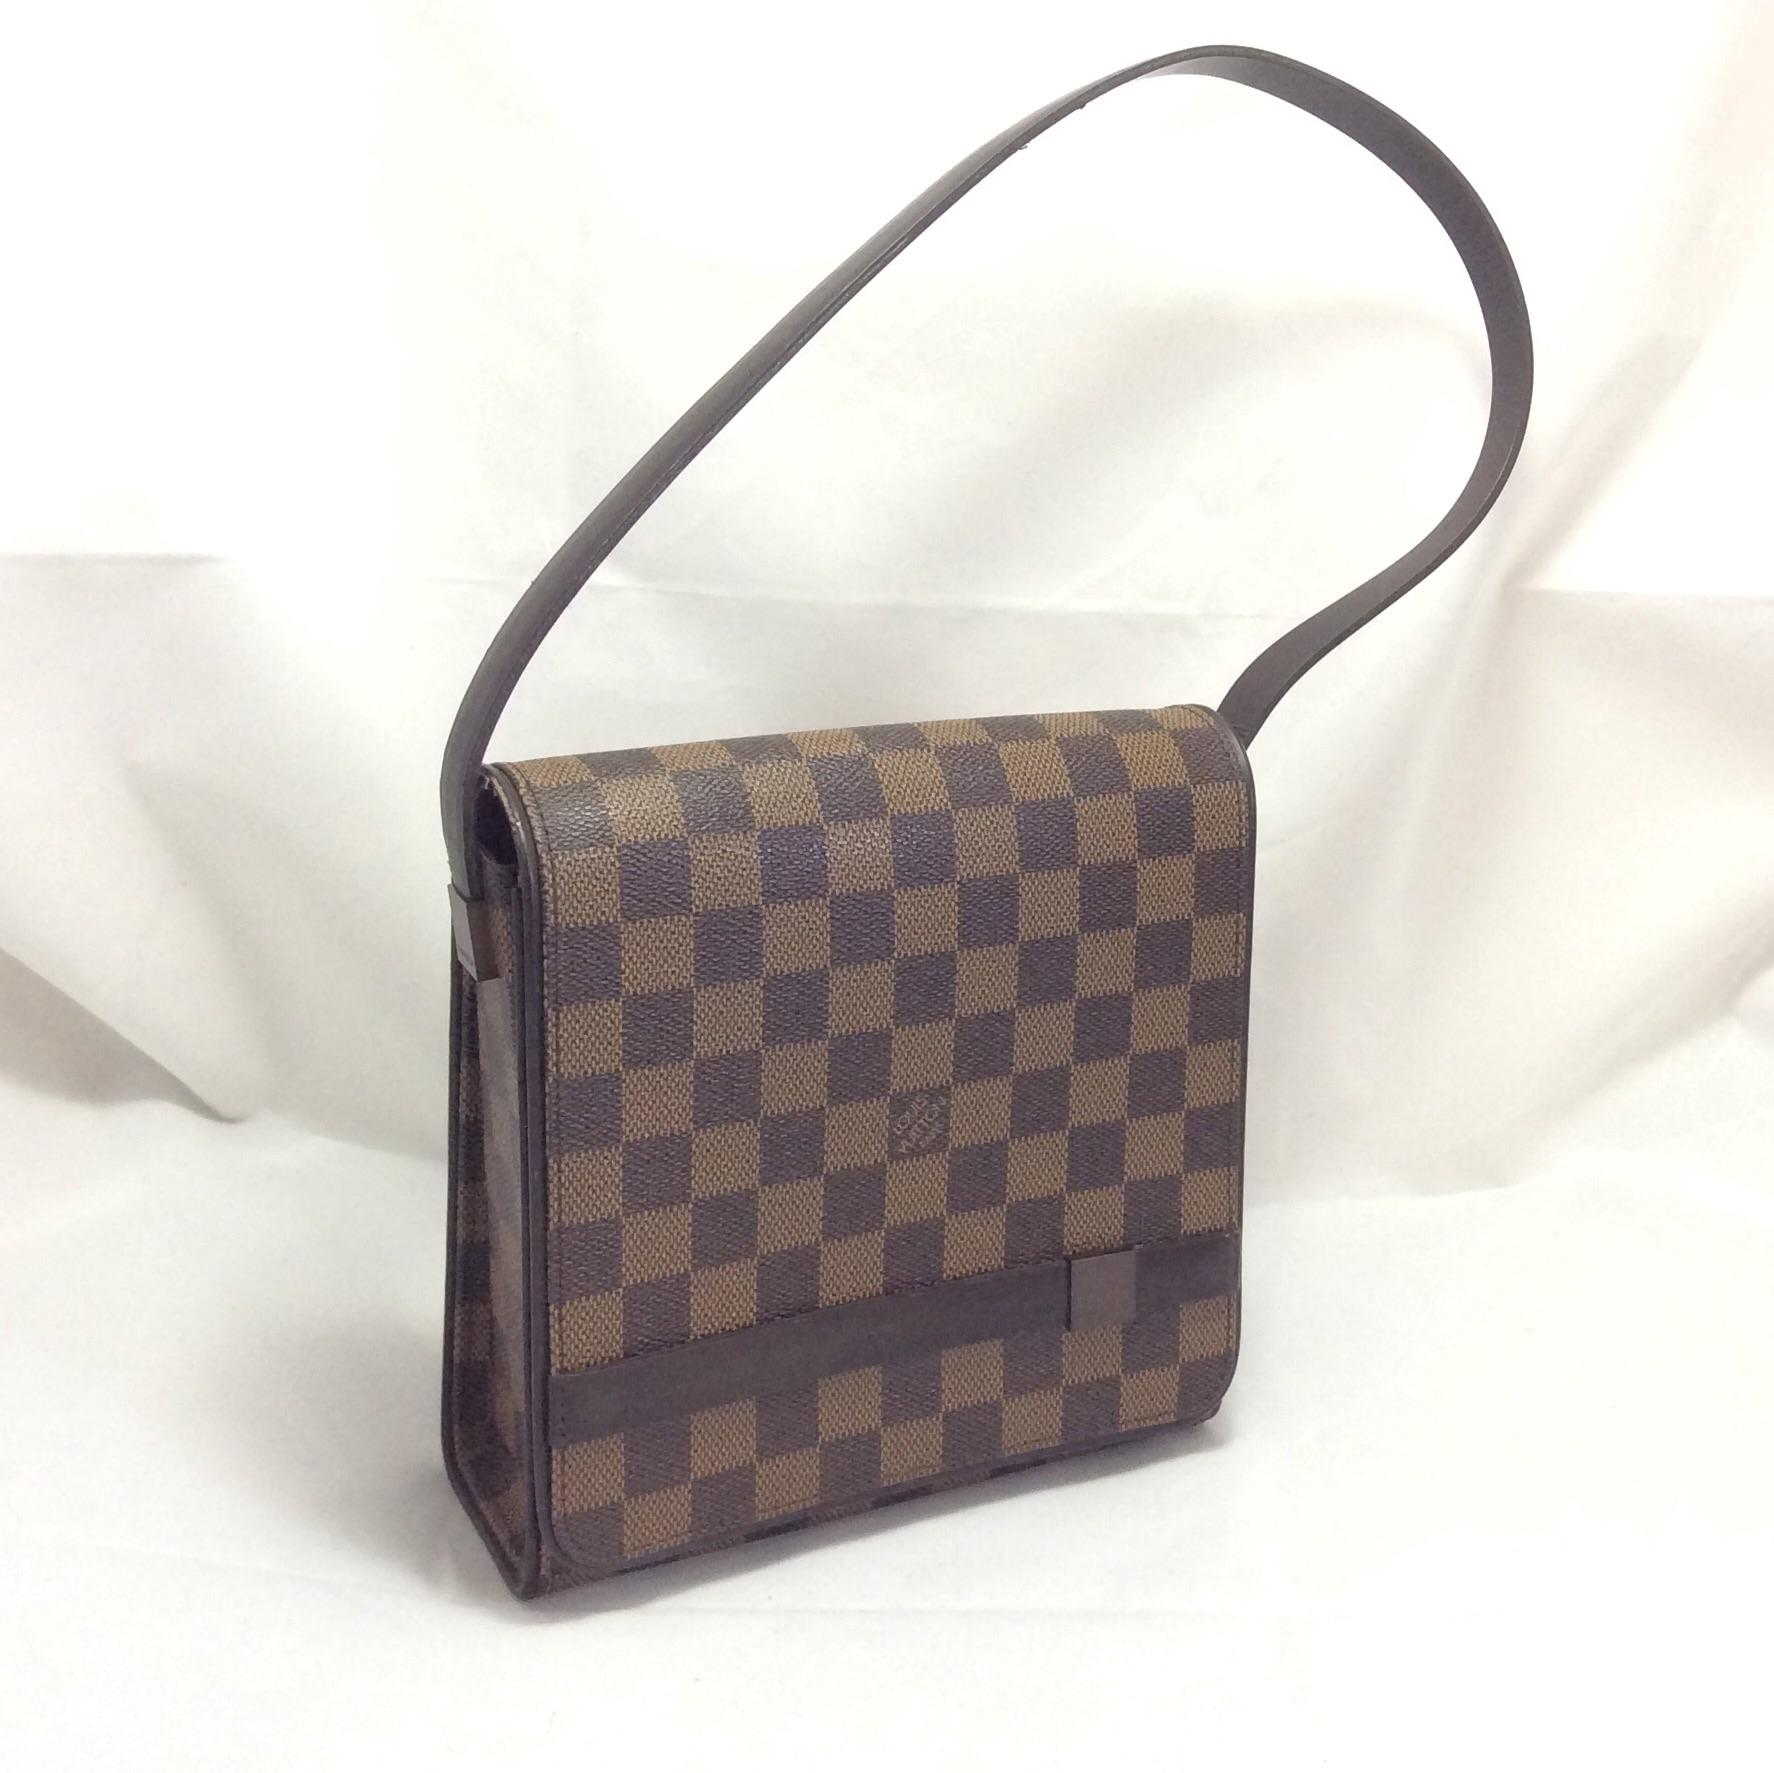 [SOLDOUT]LV : Damier Ebene Lady Bag รุ่นนี้สวย หายาก สภาพดีค่ะ